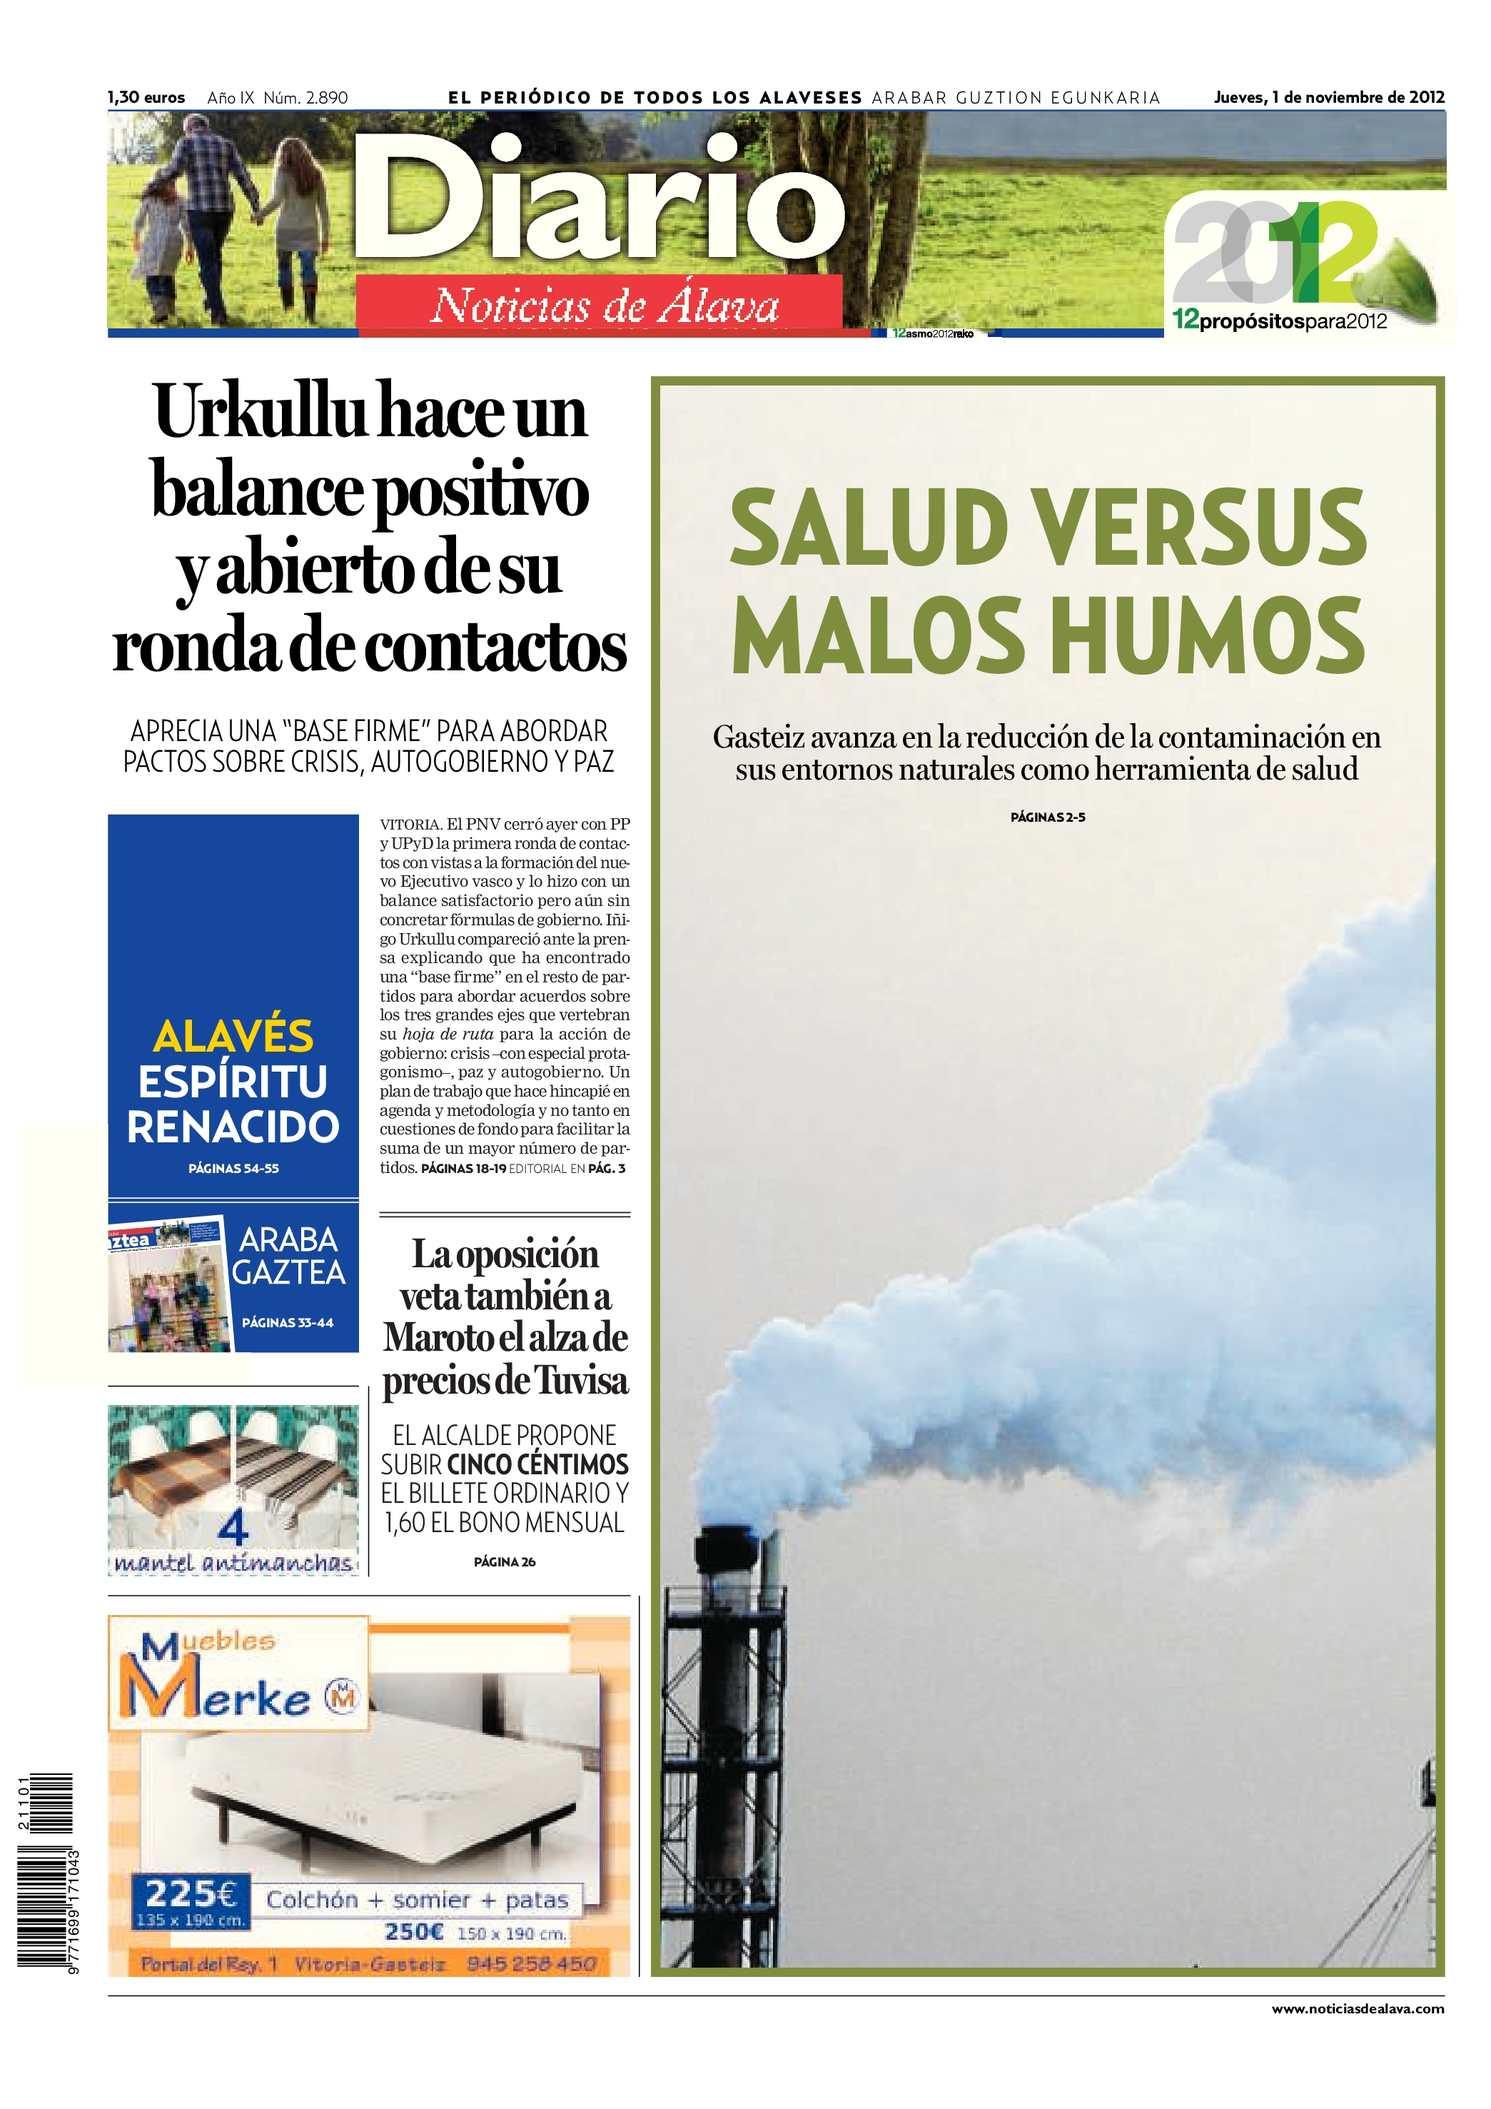 Calaméo - Diario de Noticias de Álava 20121101